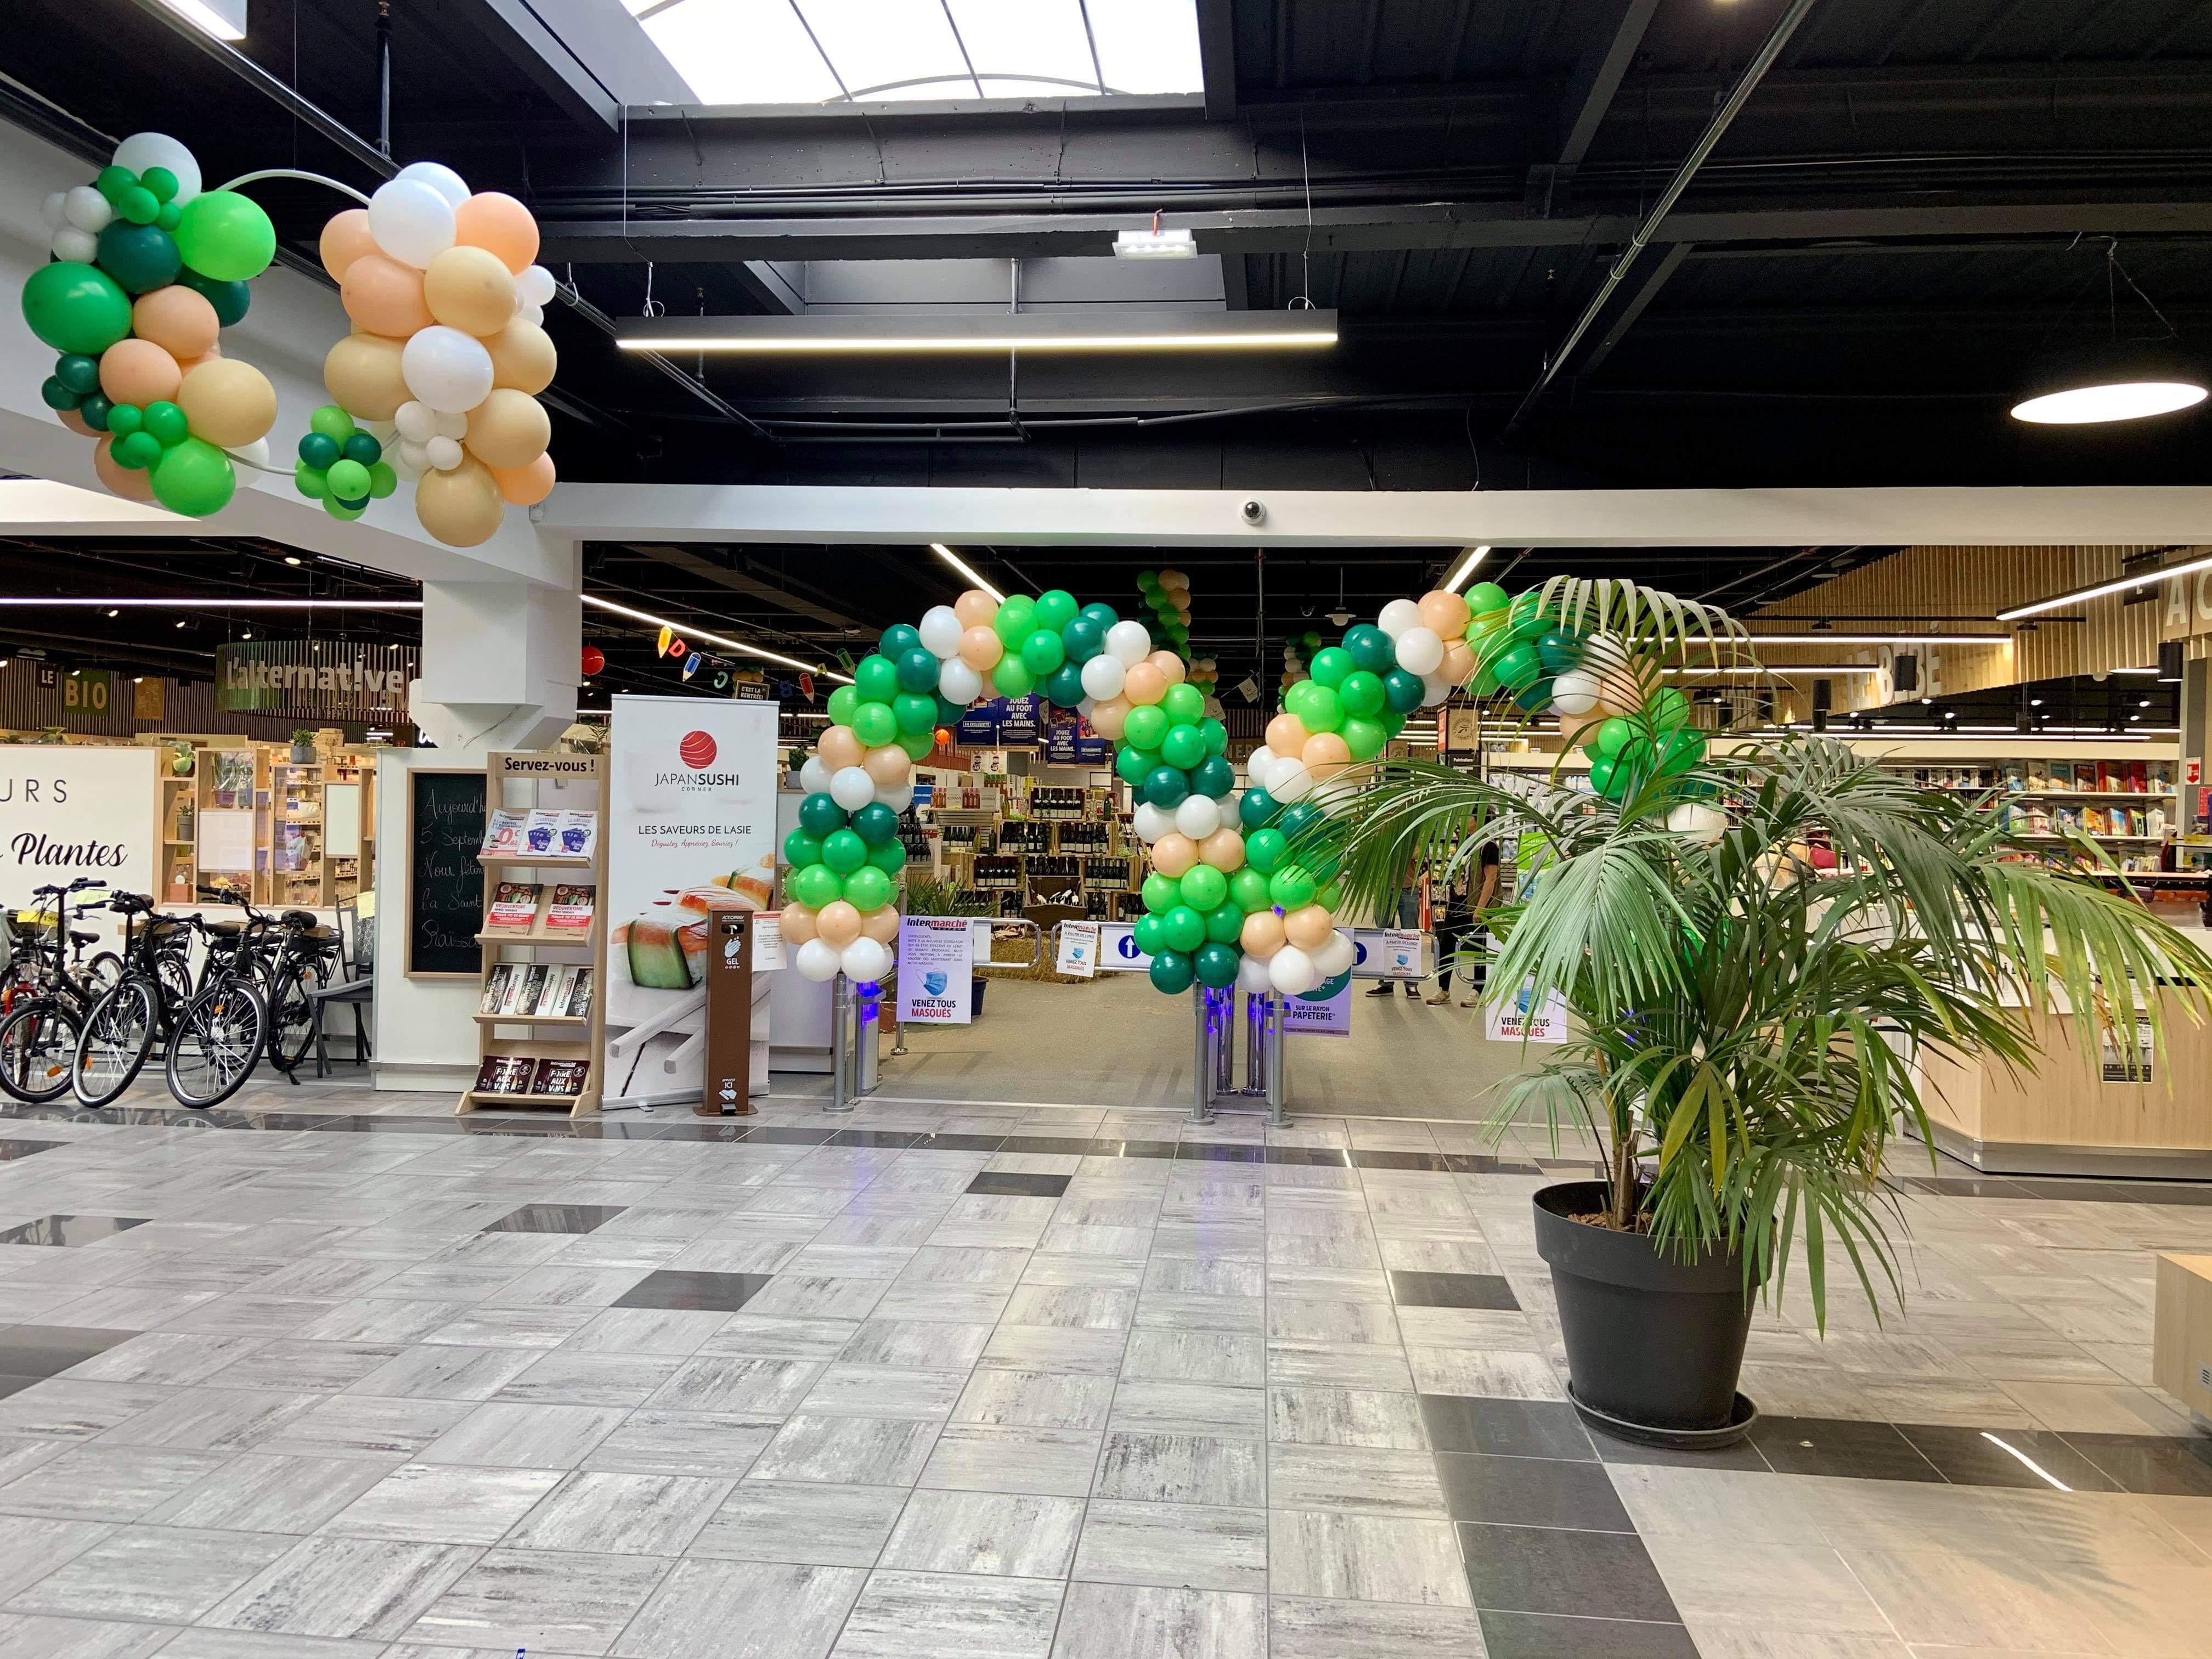 Arche ballon magasin